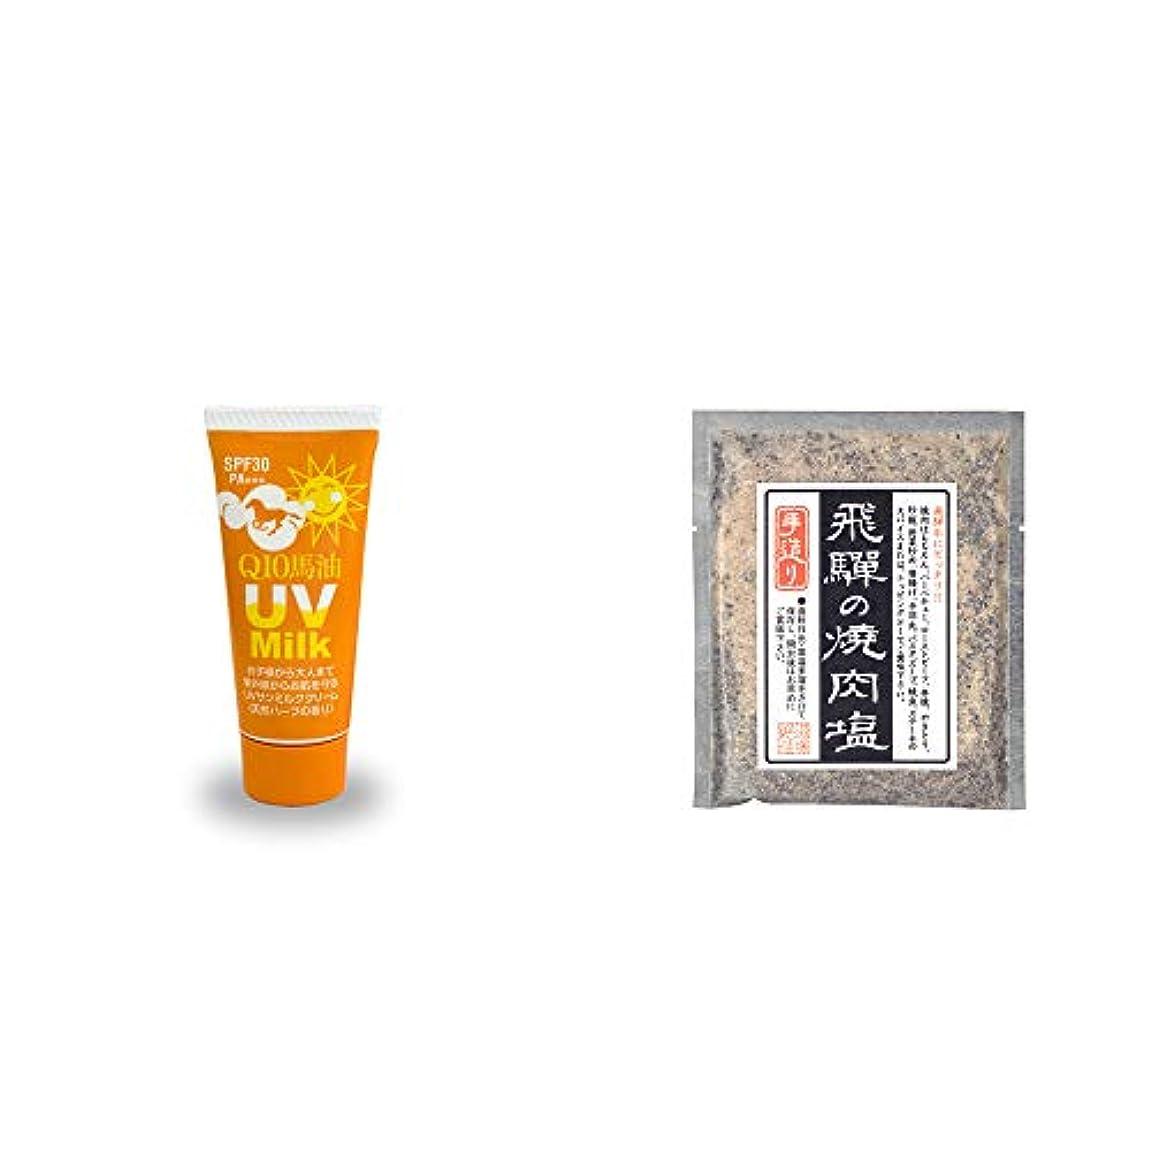 [2点セット] 炭黒泉 Q10馬油 UVサンミルク[天然ハーブ](40g)?手造り 飛騨の焼肉塩(80g)